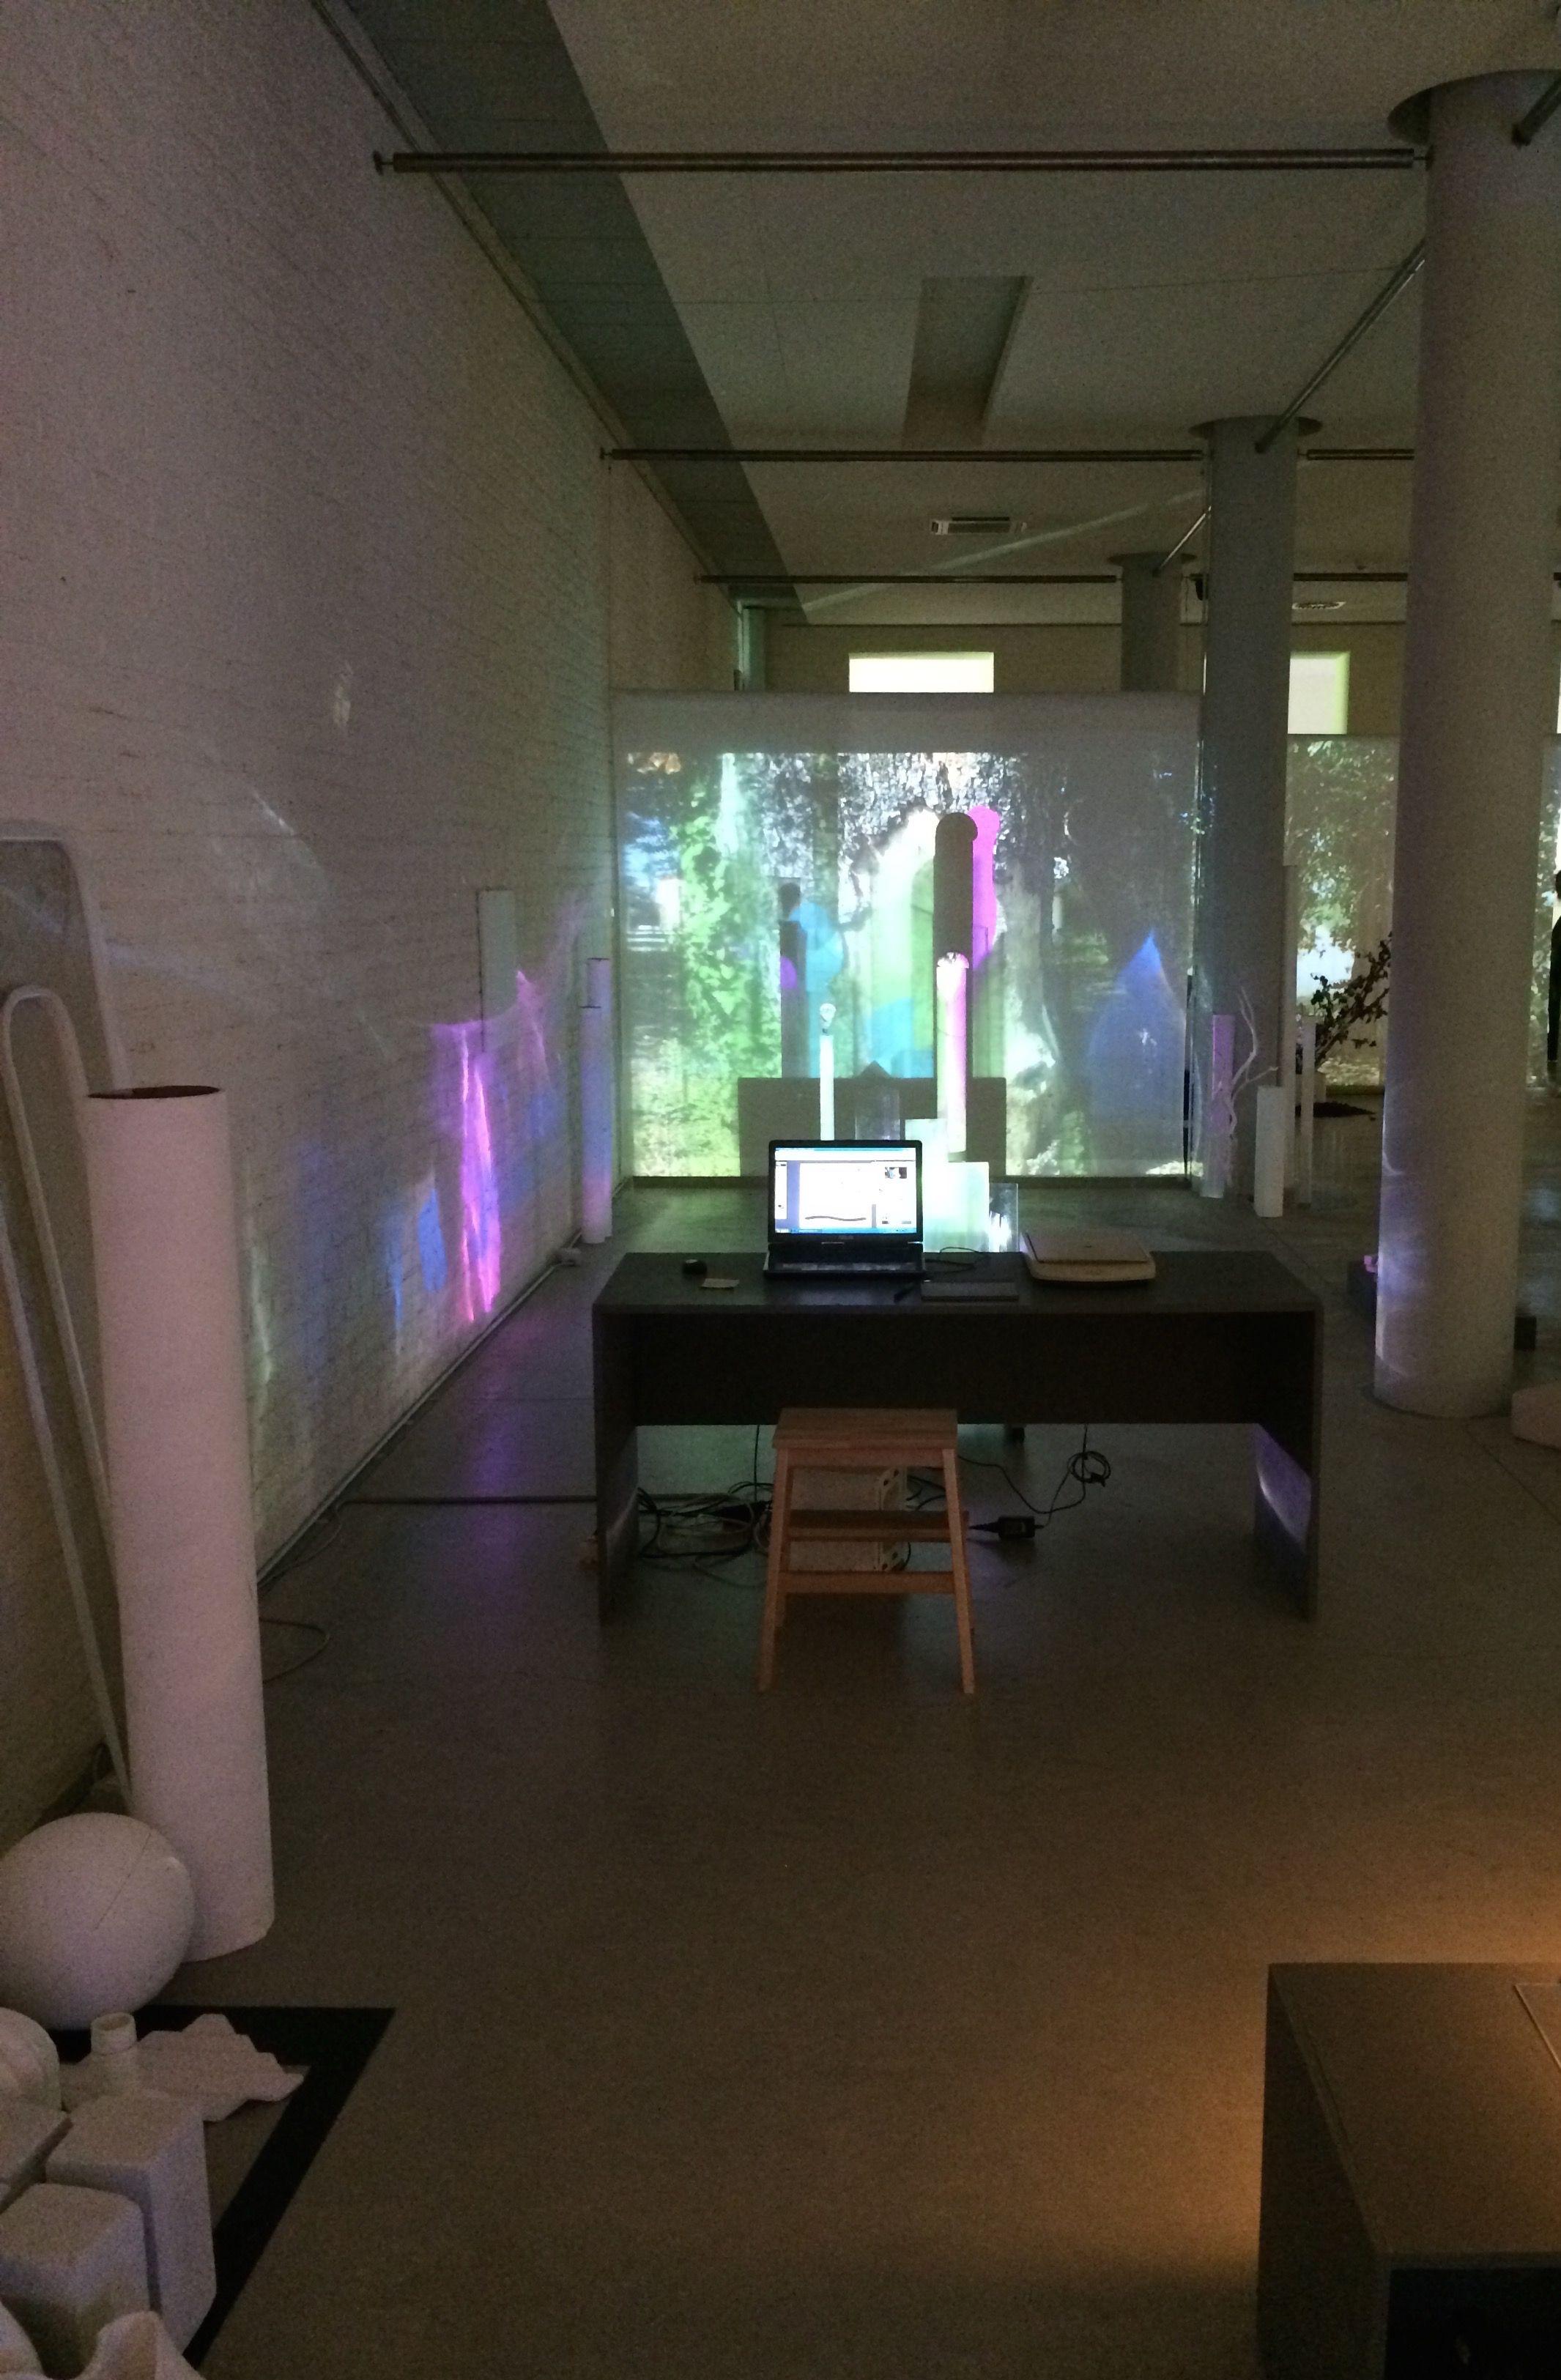 Kinderwelten gestalten reggio emilia light beamer light for Raumgestaltung licht